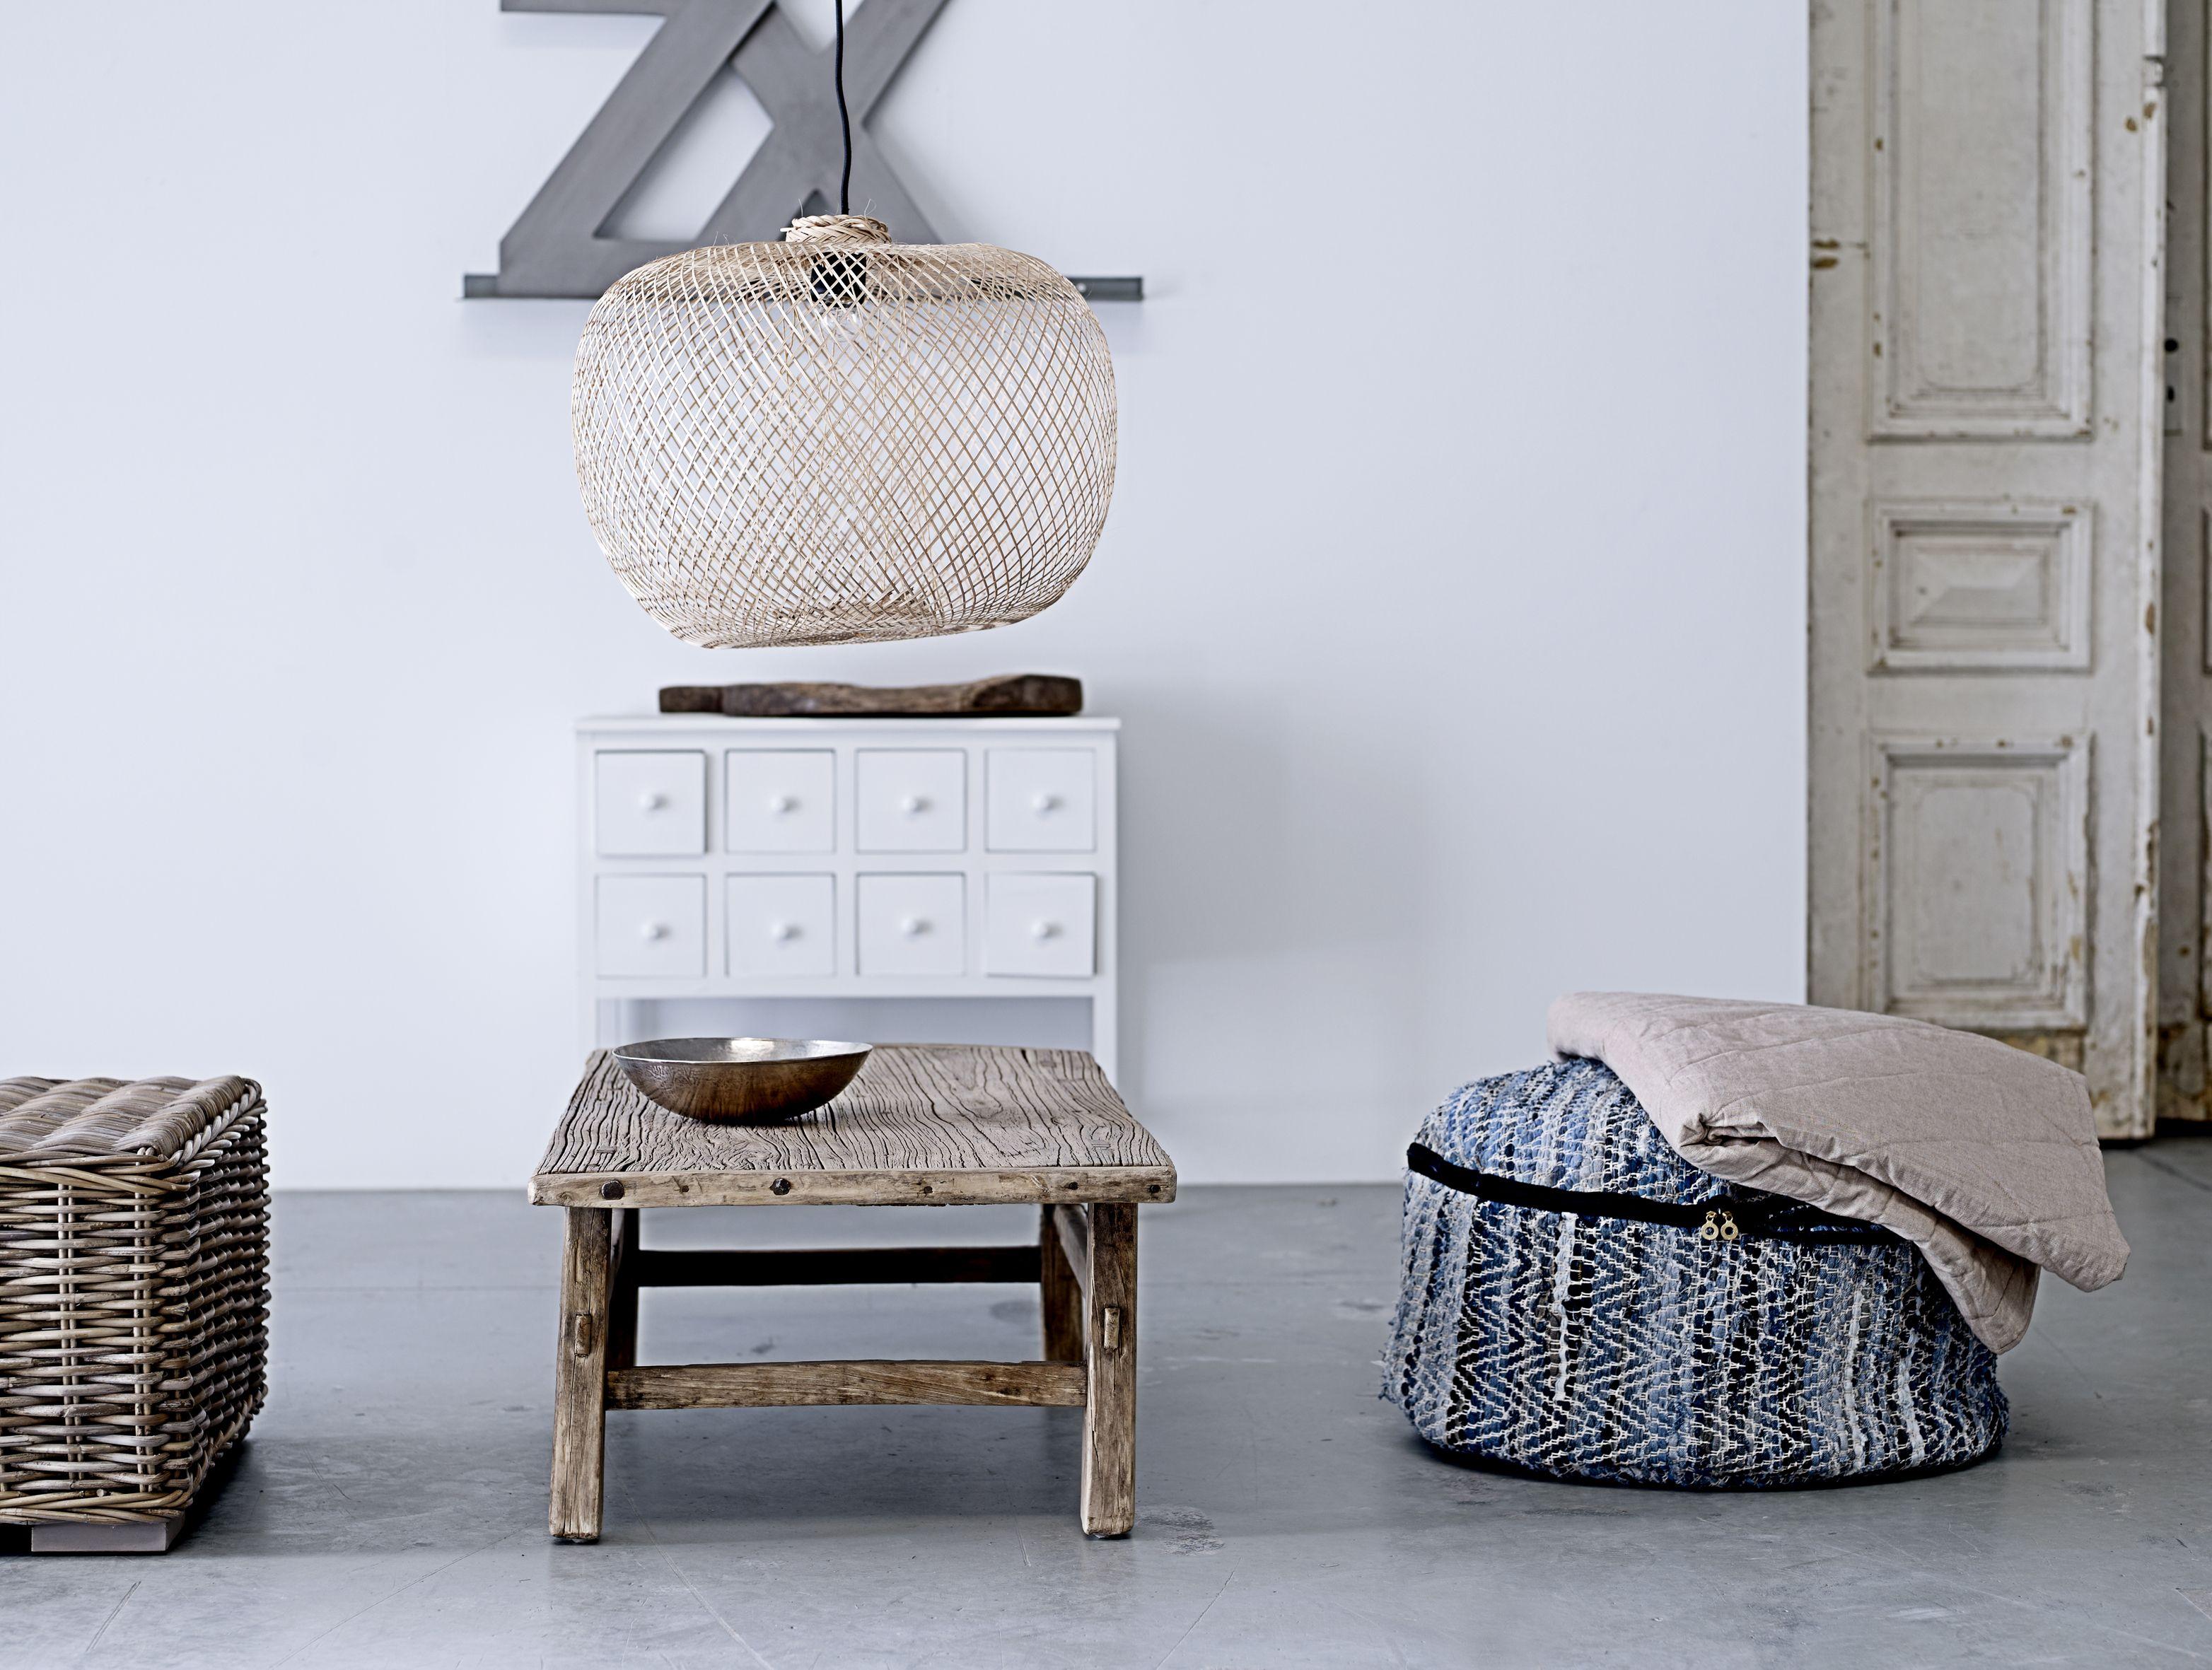 f t 2 pinterest. Black Bedroom Furniture Sets. Home Design Ideas